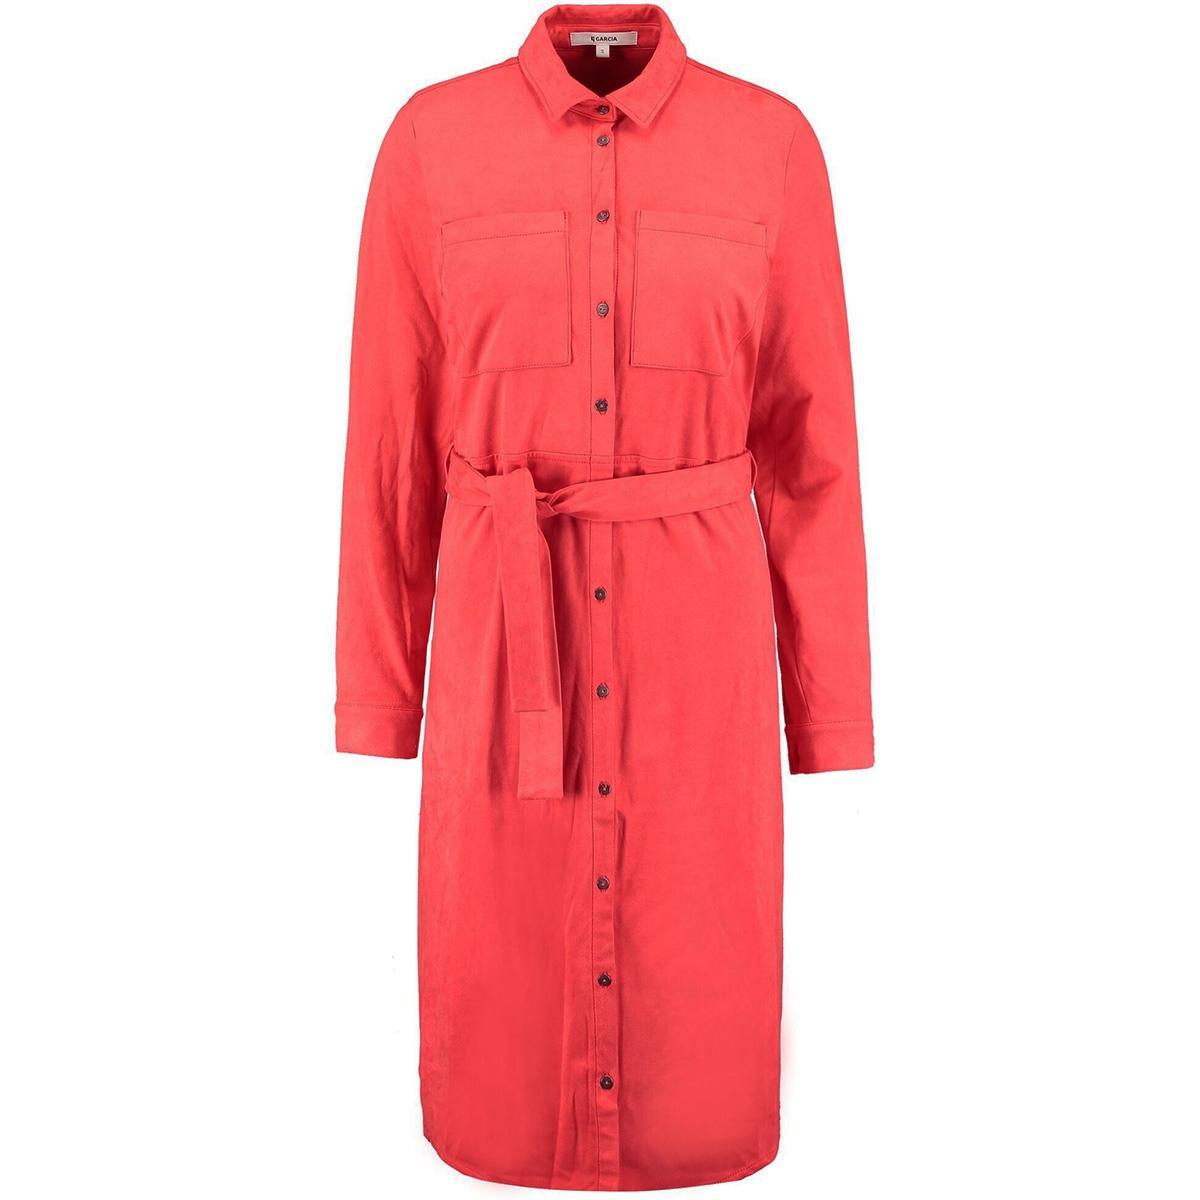 overhemdjurk l90081 garcia jurk 721 poppy red